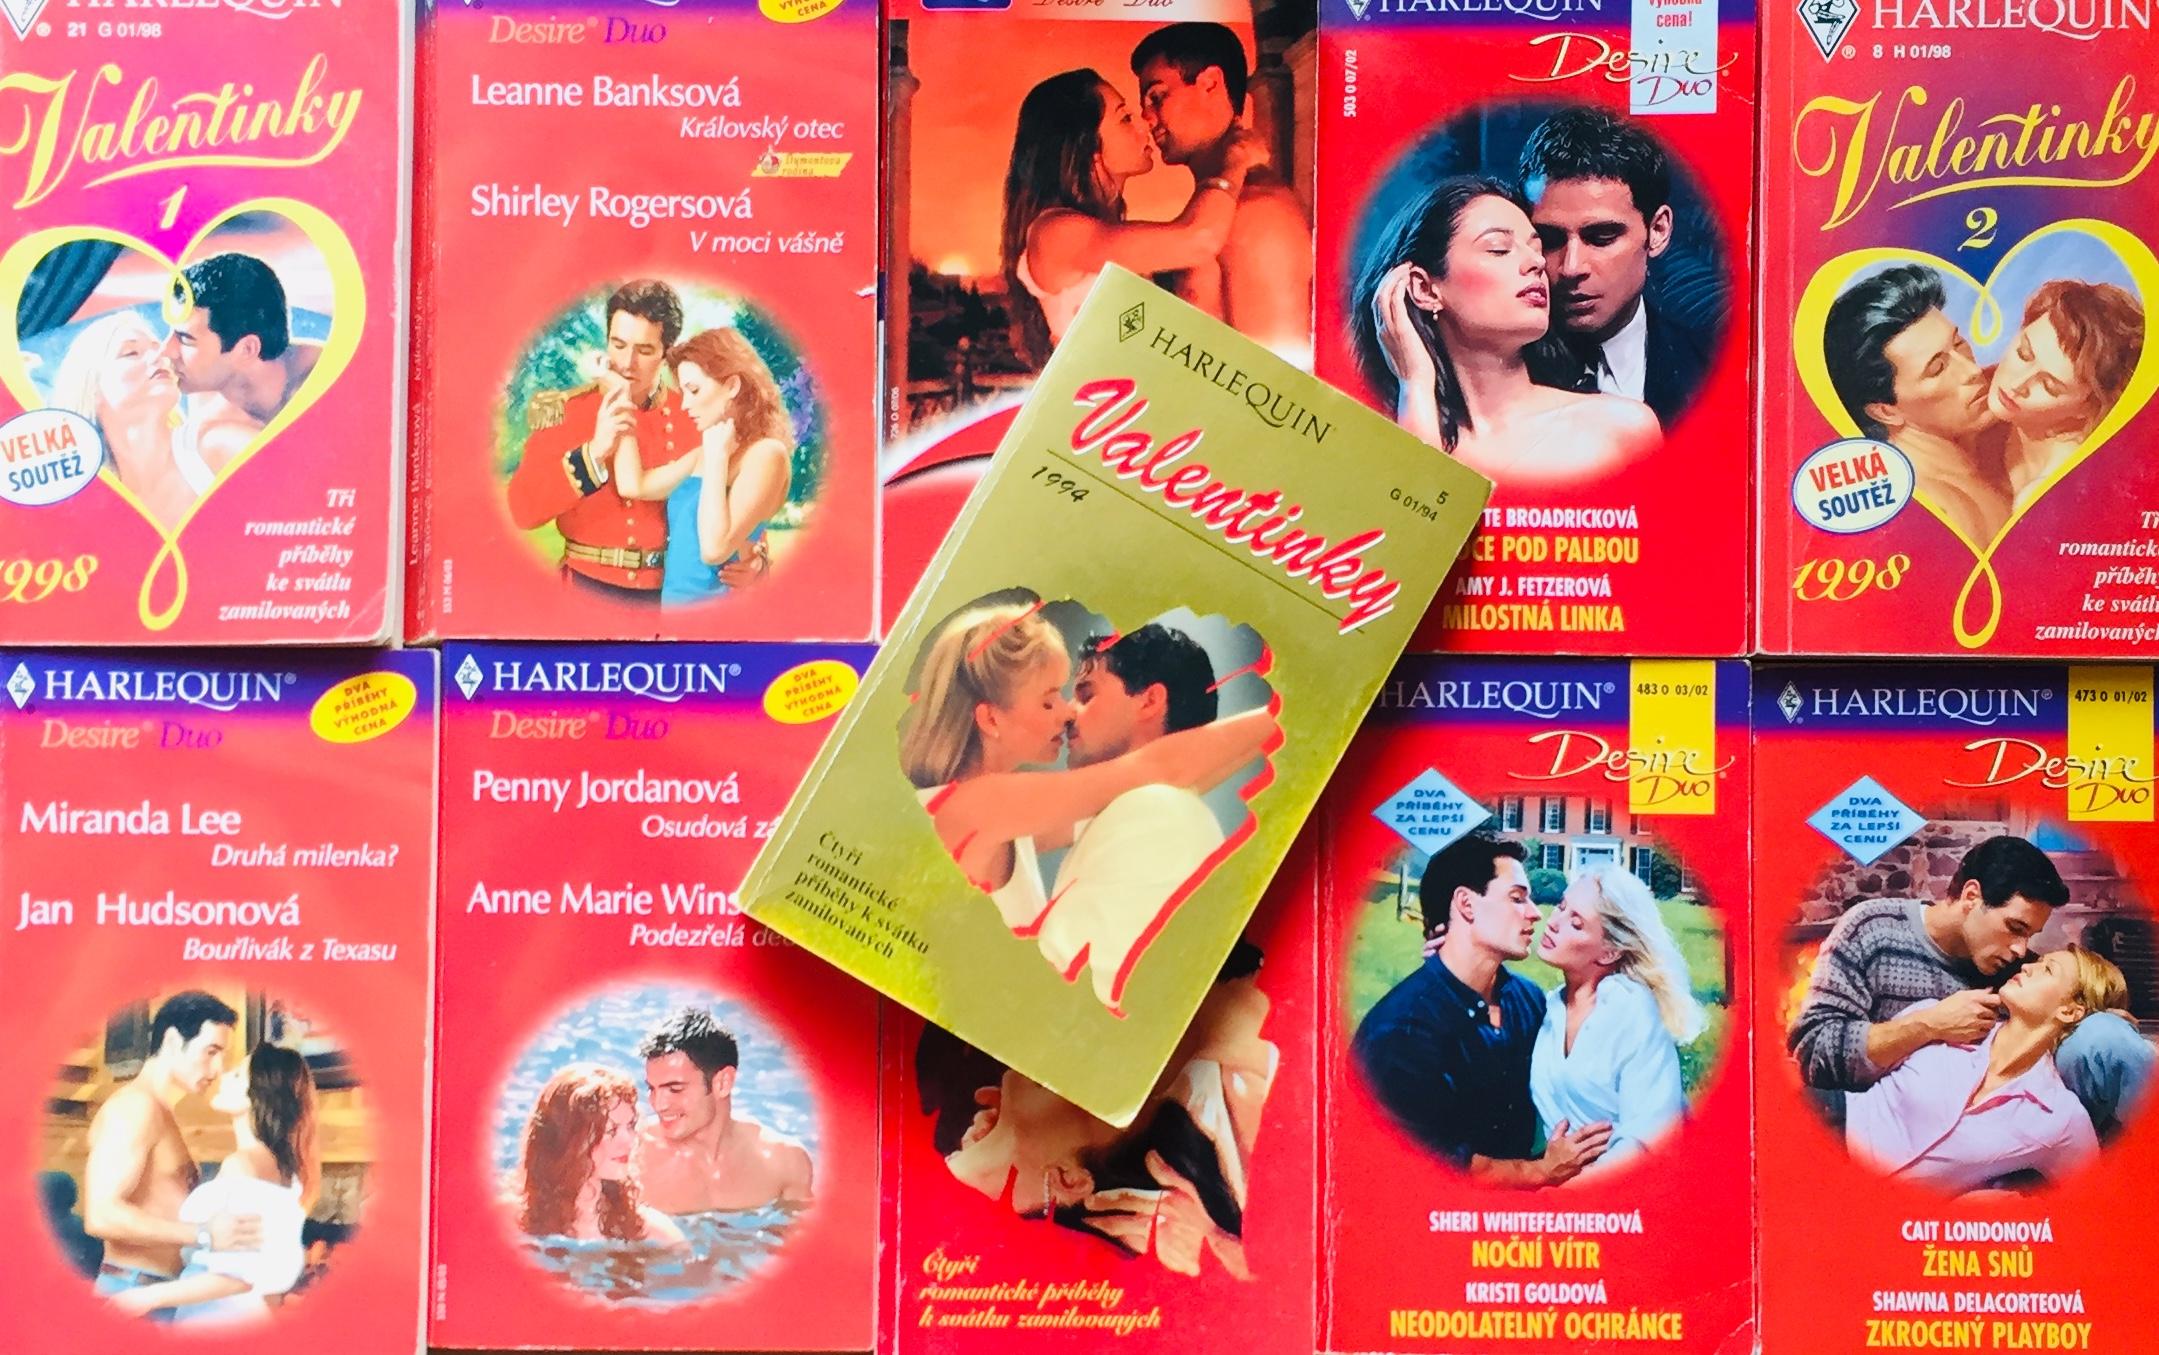 Velká knižní kolekce Harlequin 173. - 10x bazarová kniha + dárek